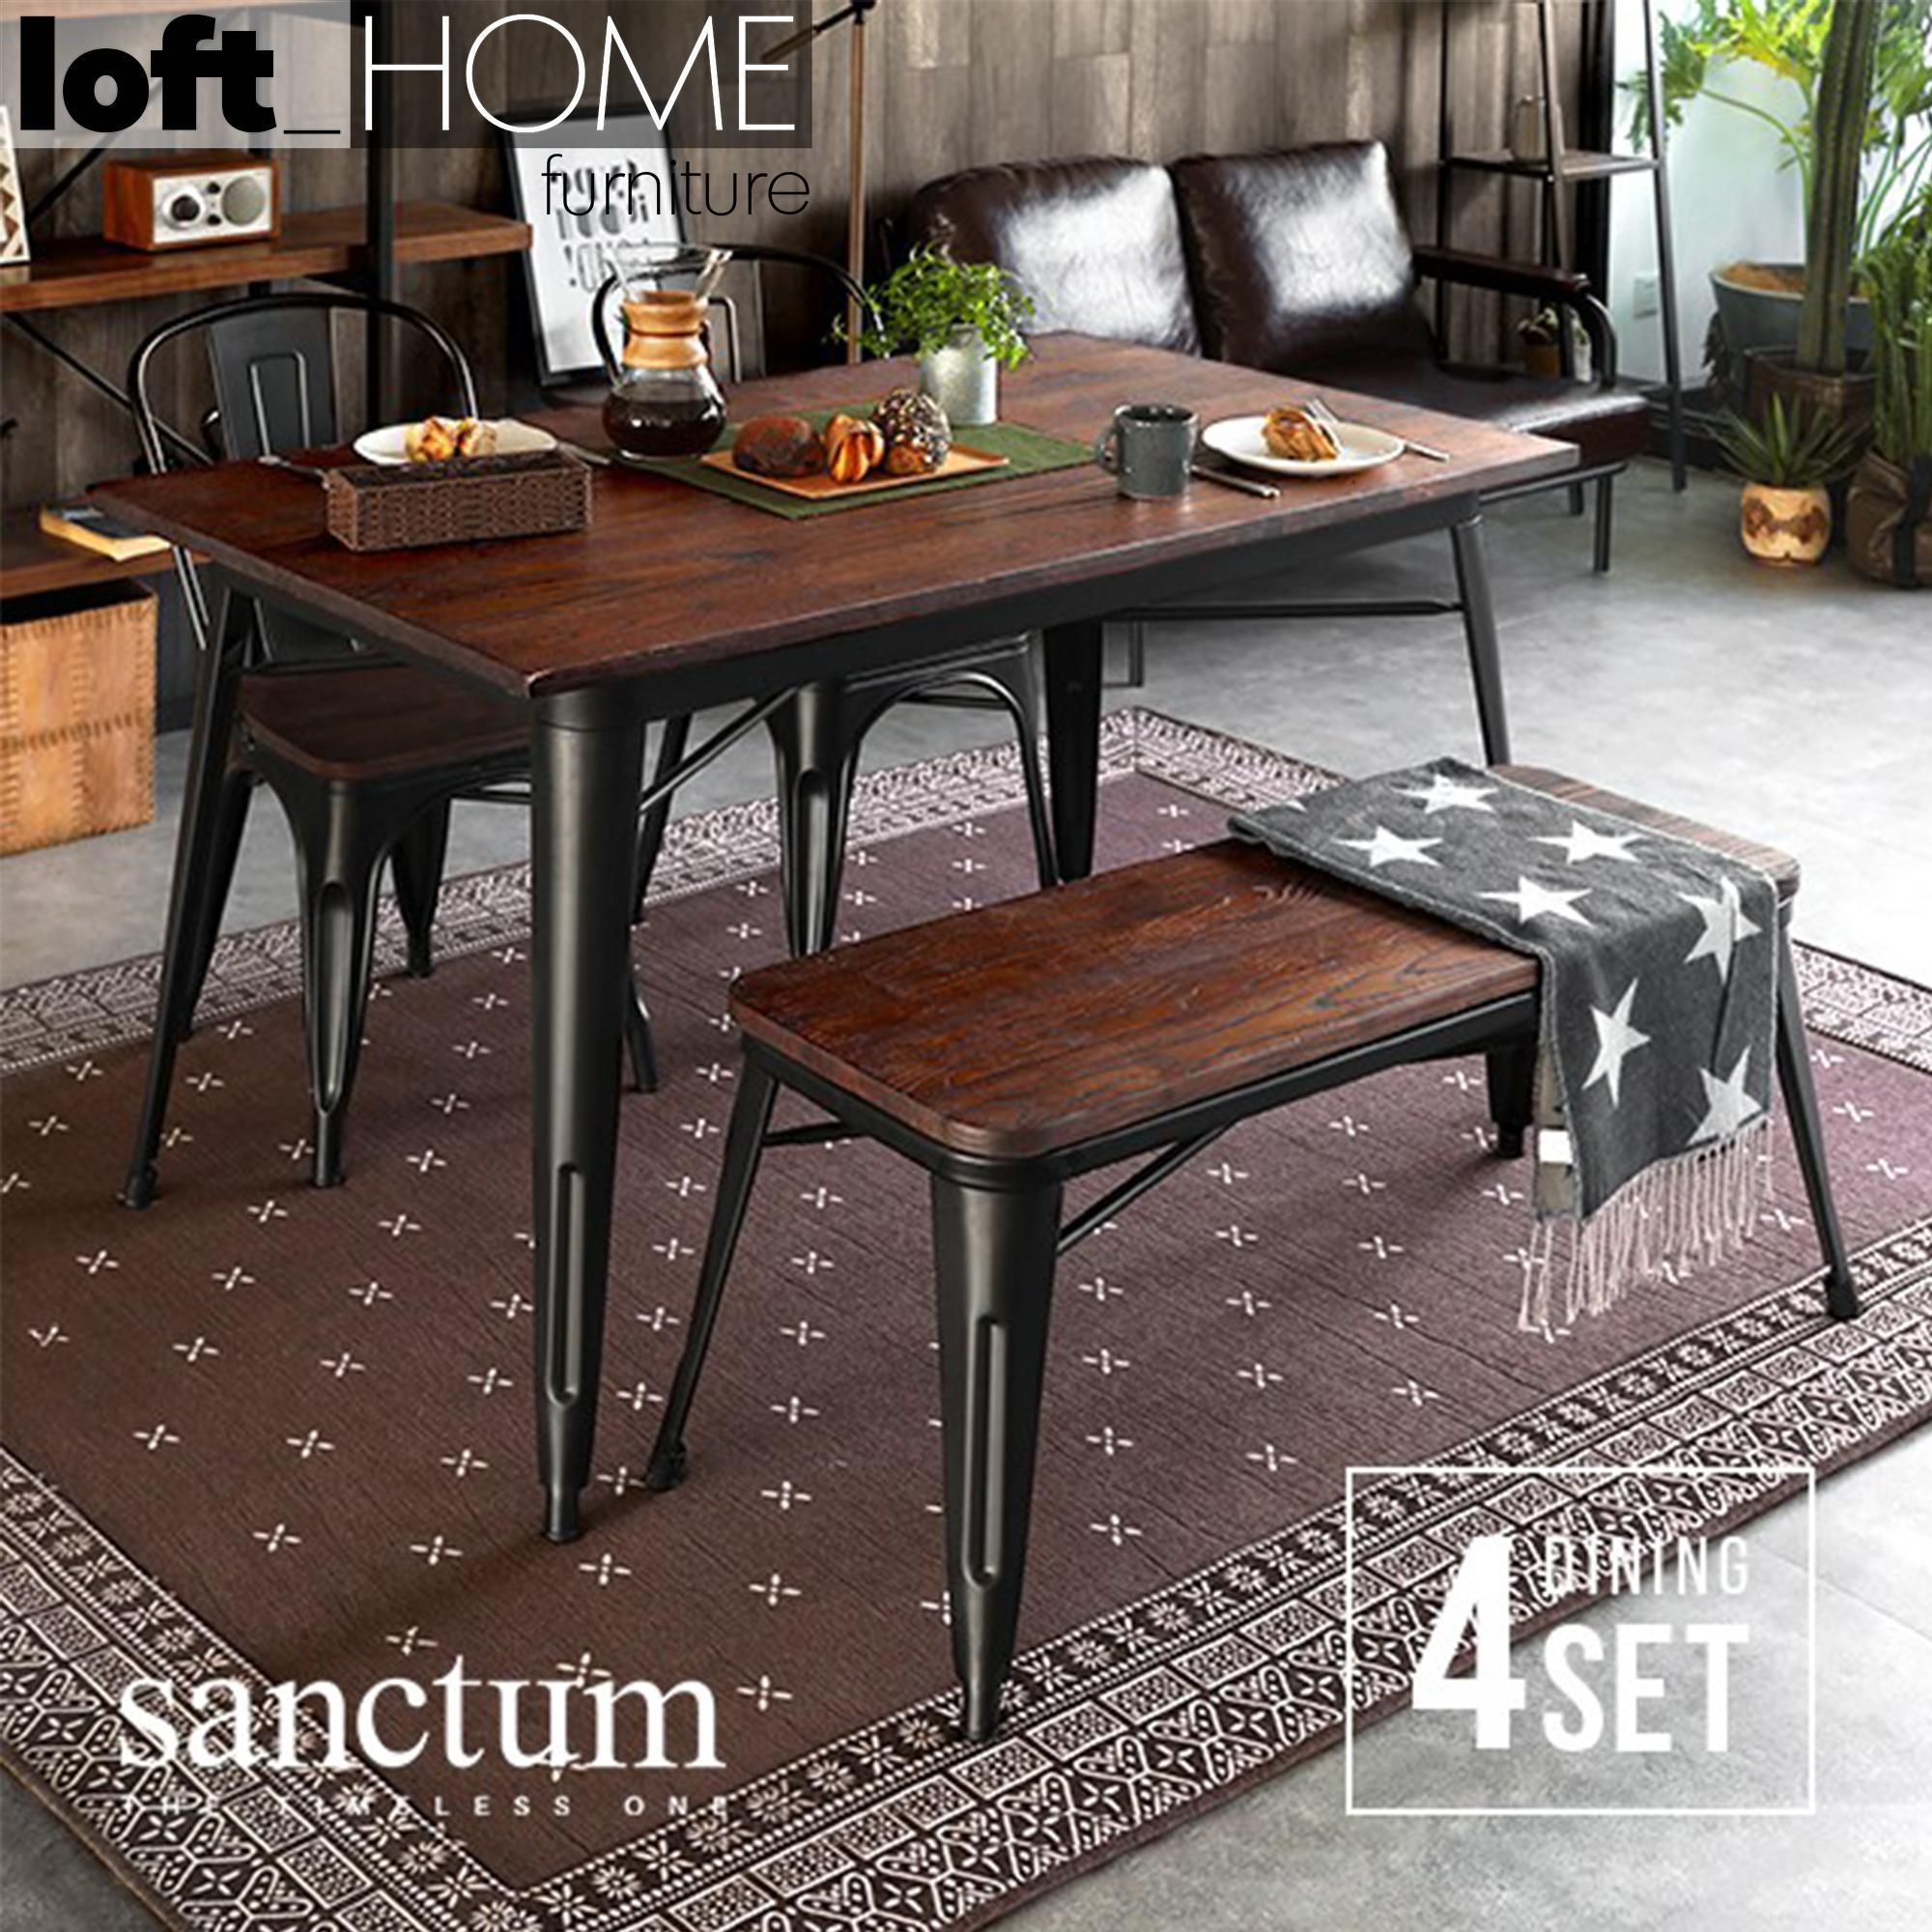 Dining Table – Sanctum Set (4 pieces)